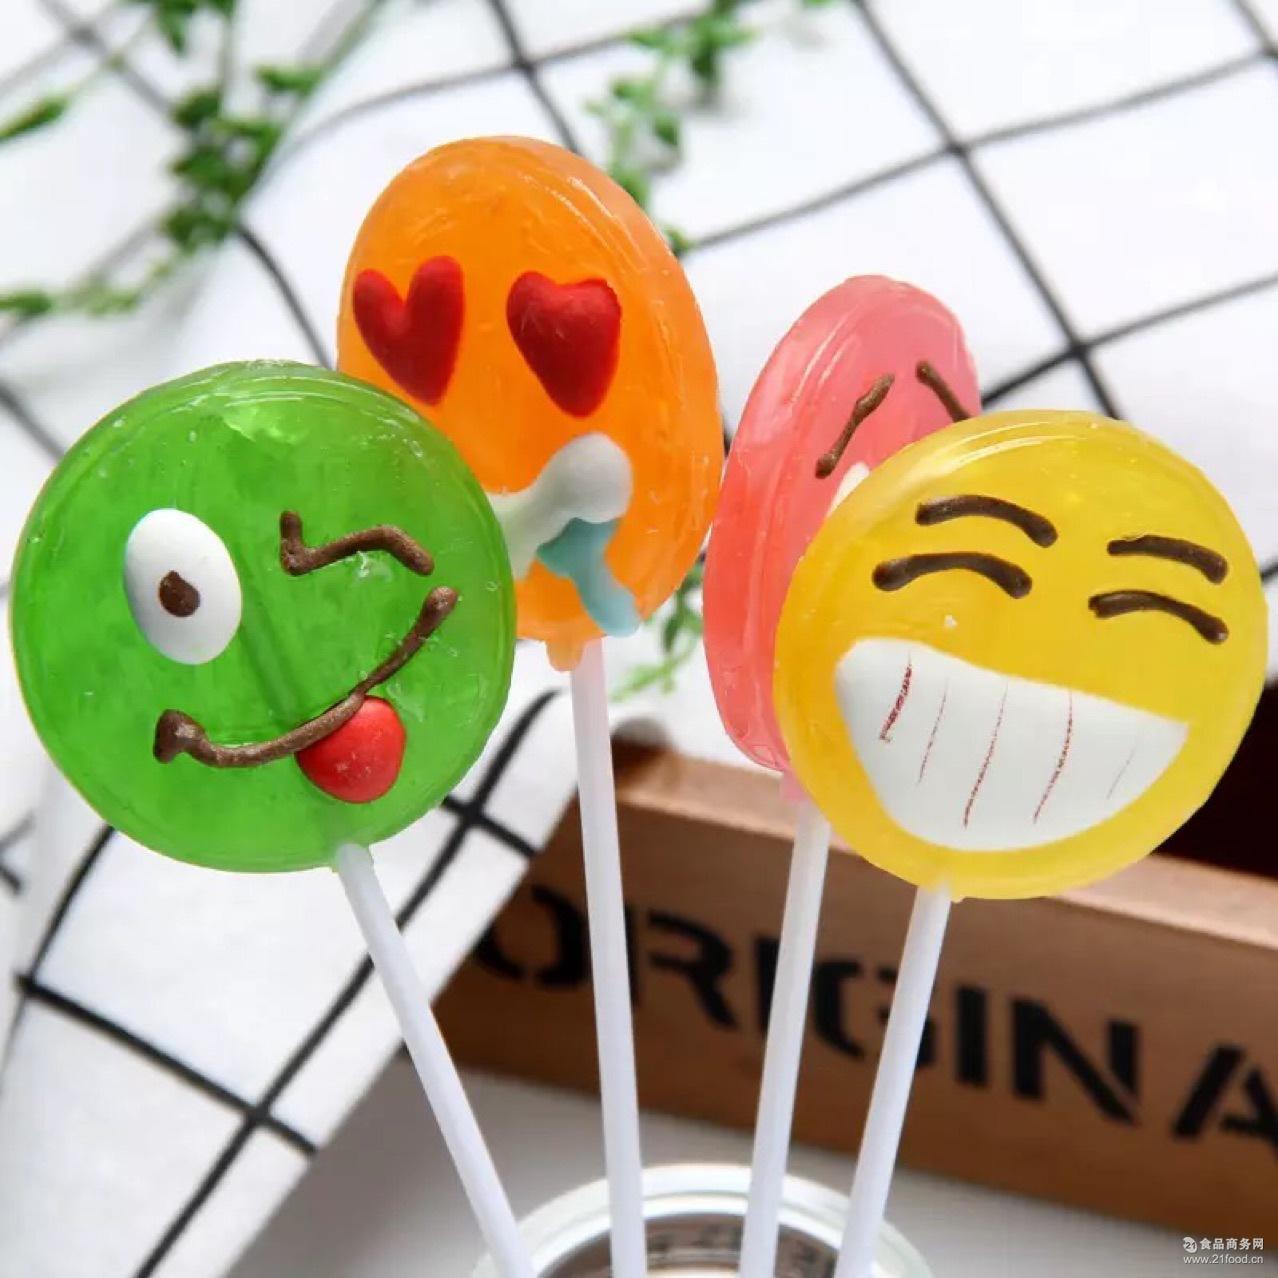 【重要说明】 依托先进技术力量,配备现代化的生产设备,遵循科学化的生产流程,严格按国际生产技术标准进行生产,以优良服务为广大新老客户提供高性能、高品质的水果糖卡通表情棒棒糖创意糖动物棒棒糖。品种齐全、质量优良! 水果糖卡通表情棒棒糖创意糖动物棒棒糖在经销批发市场发展空间很广阔,是市北区旺福俊干果商行近期的主打产品。成功不是偶然的,公司今天取得这么优异的成绩,都是因为一直关注产品质量、以满足用户的需求为己任,为客户提供优质的产品,在不断发展市场的同时,也不忘回报广大客户对我司的支持。 市北区旺福俊干果商行在